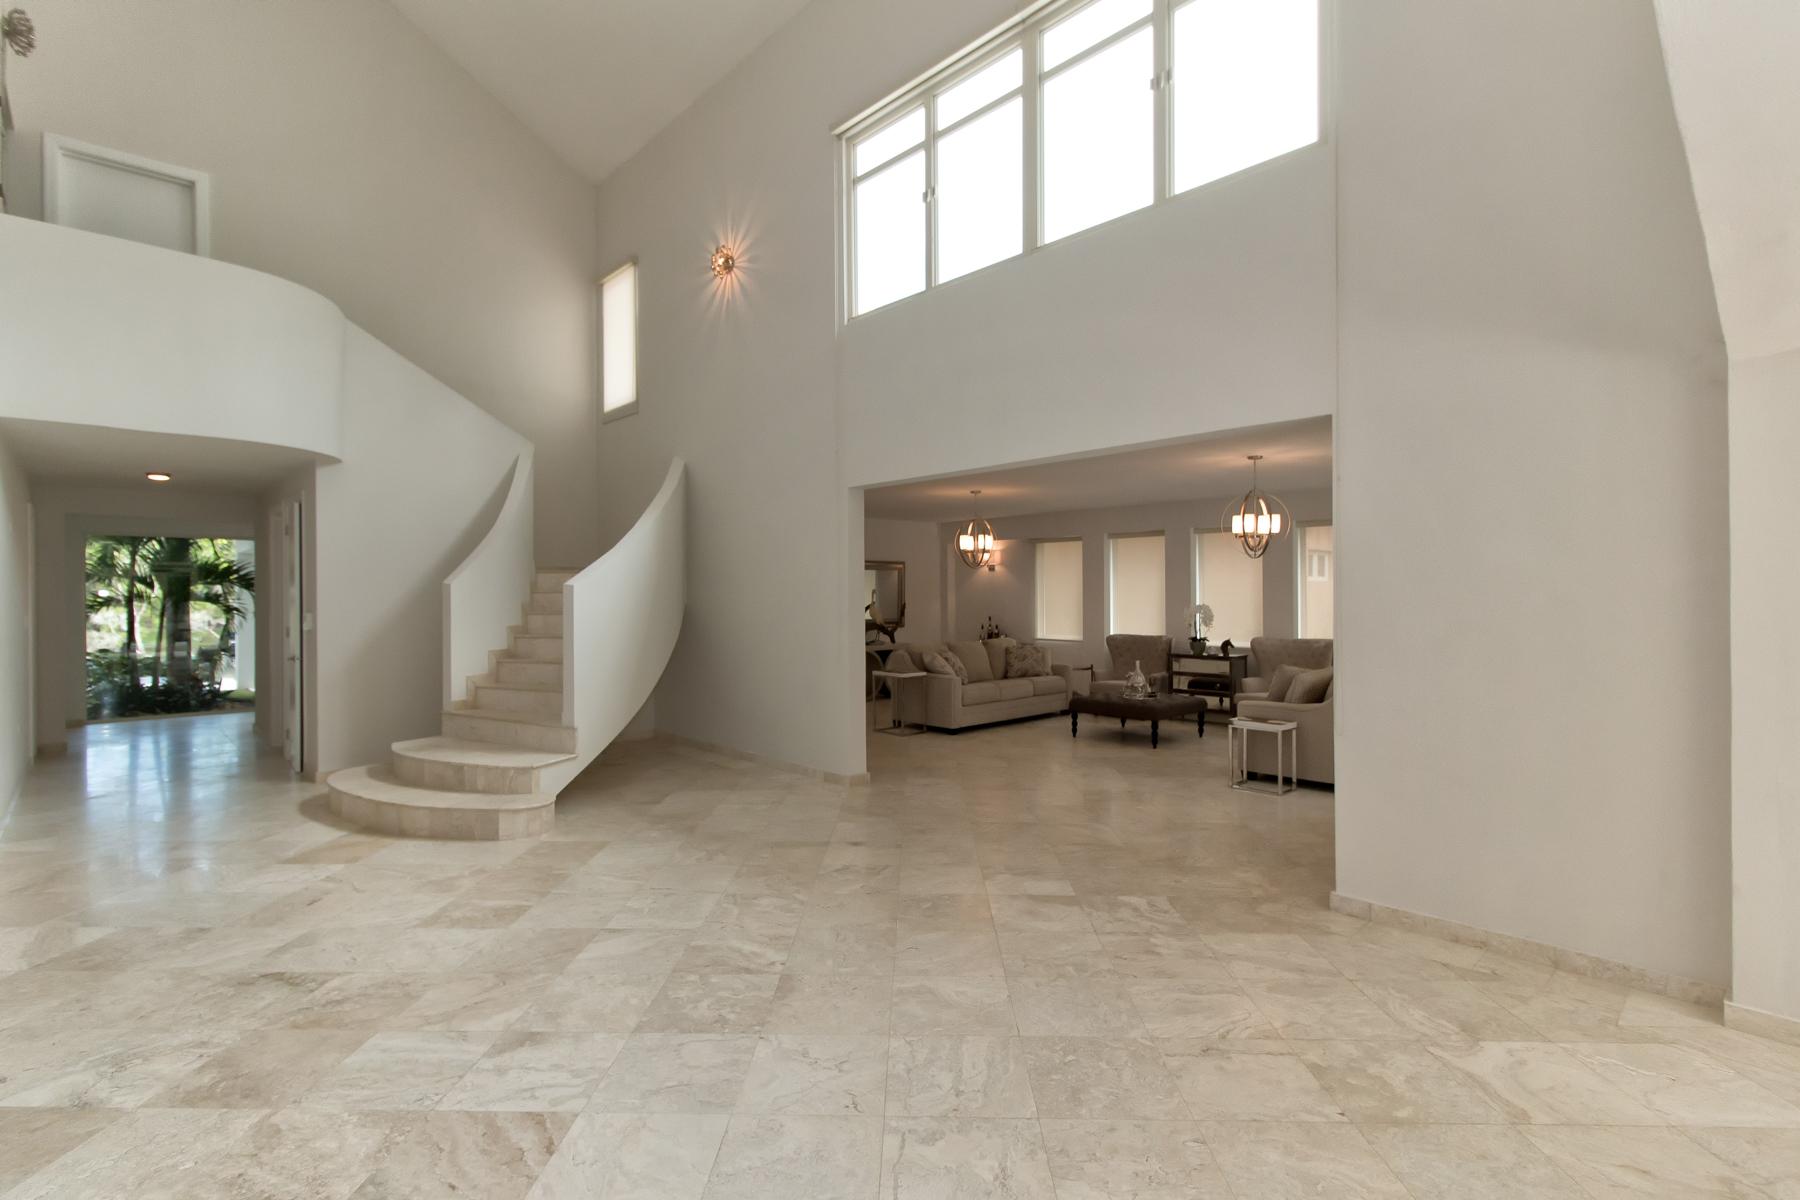 Additional photo for property listing at Gut Renovated Dorado Beach Five Bedroom 107 Dorado Beach East Dorado, Puerto Rico 00646 Puerto Rico